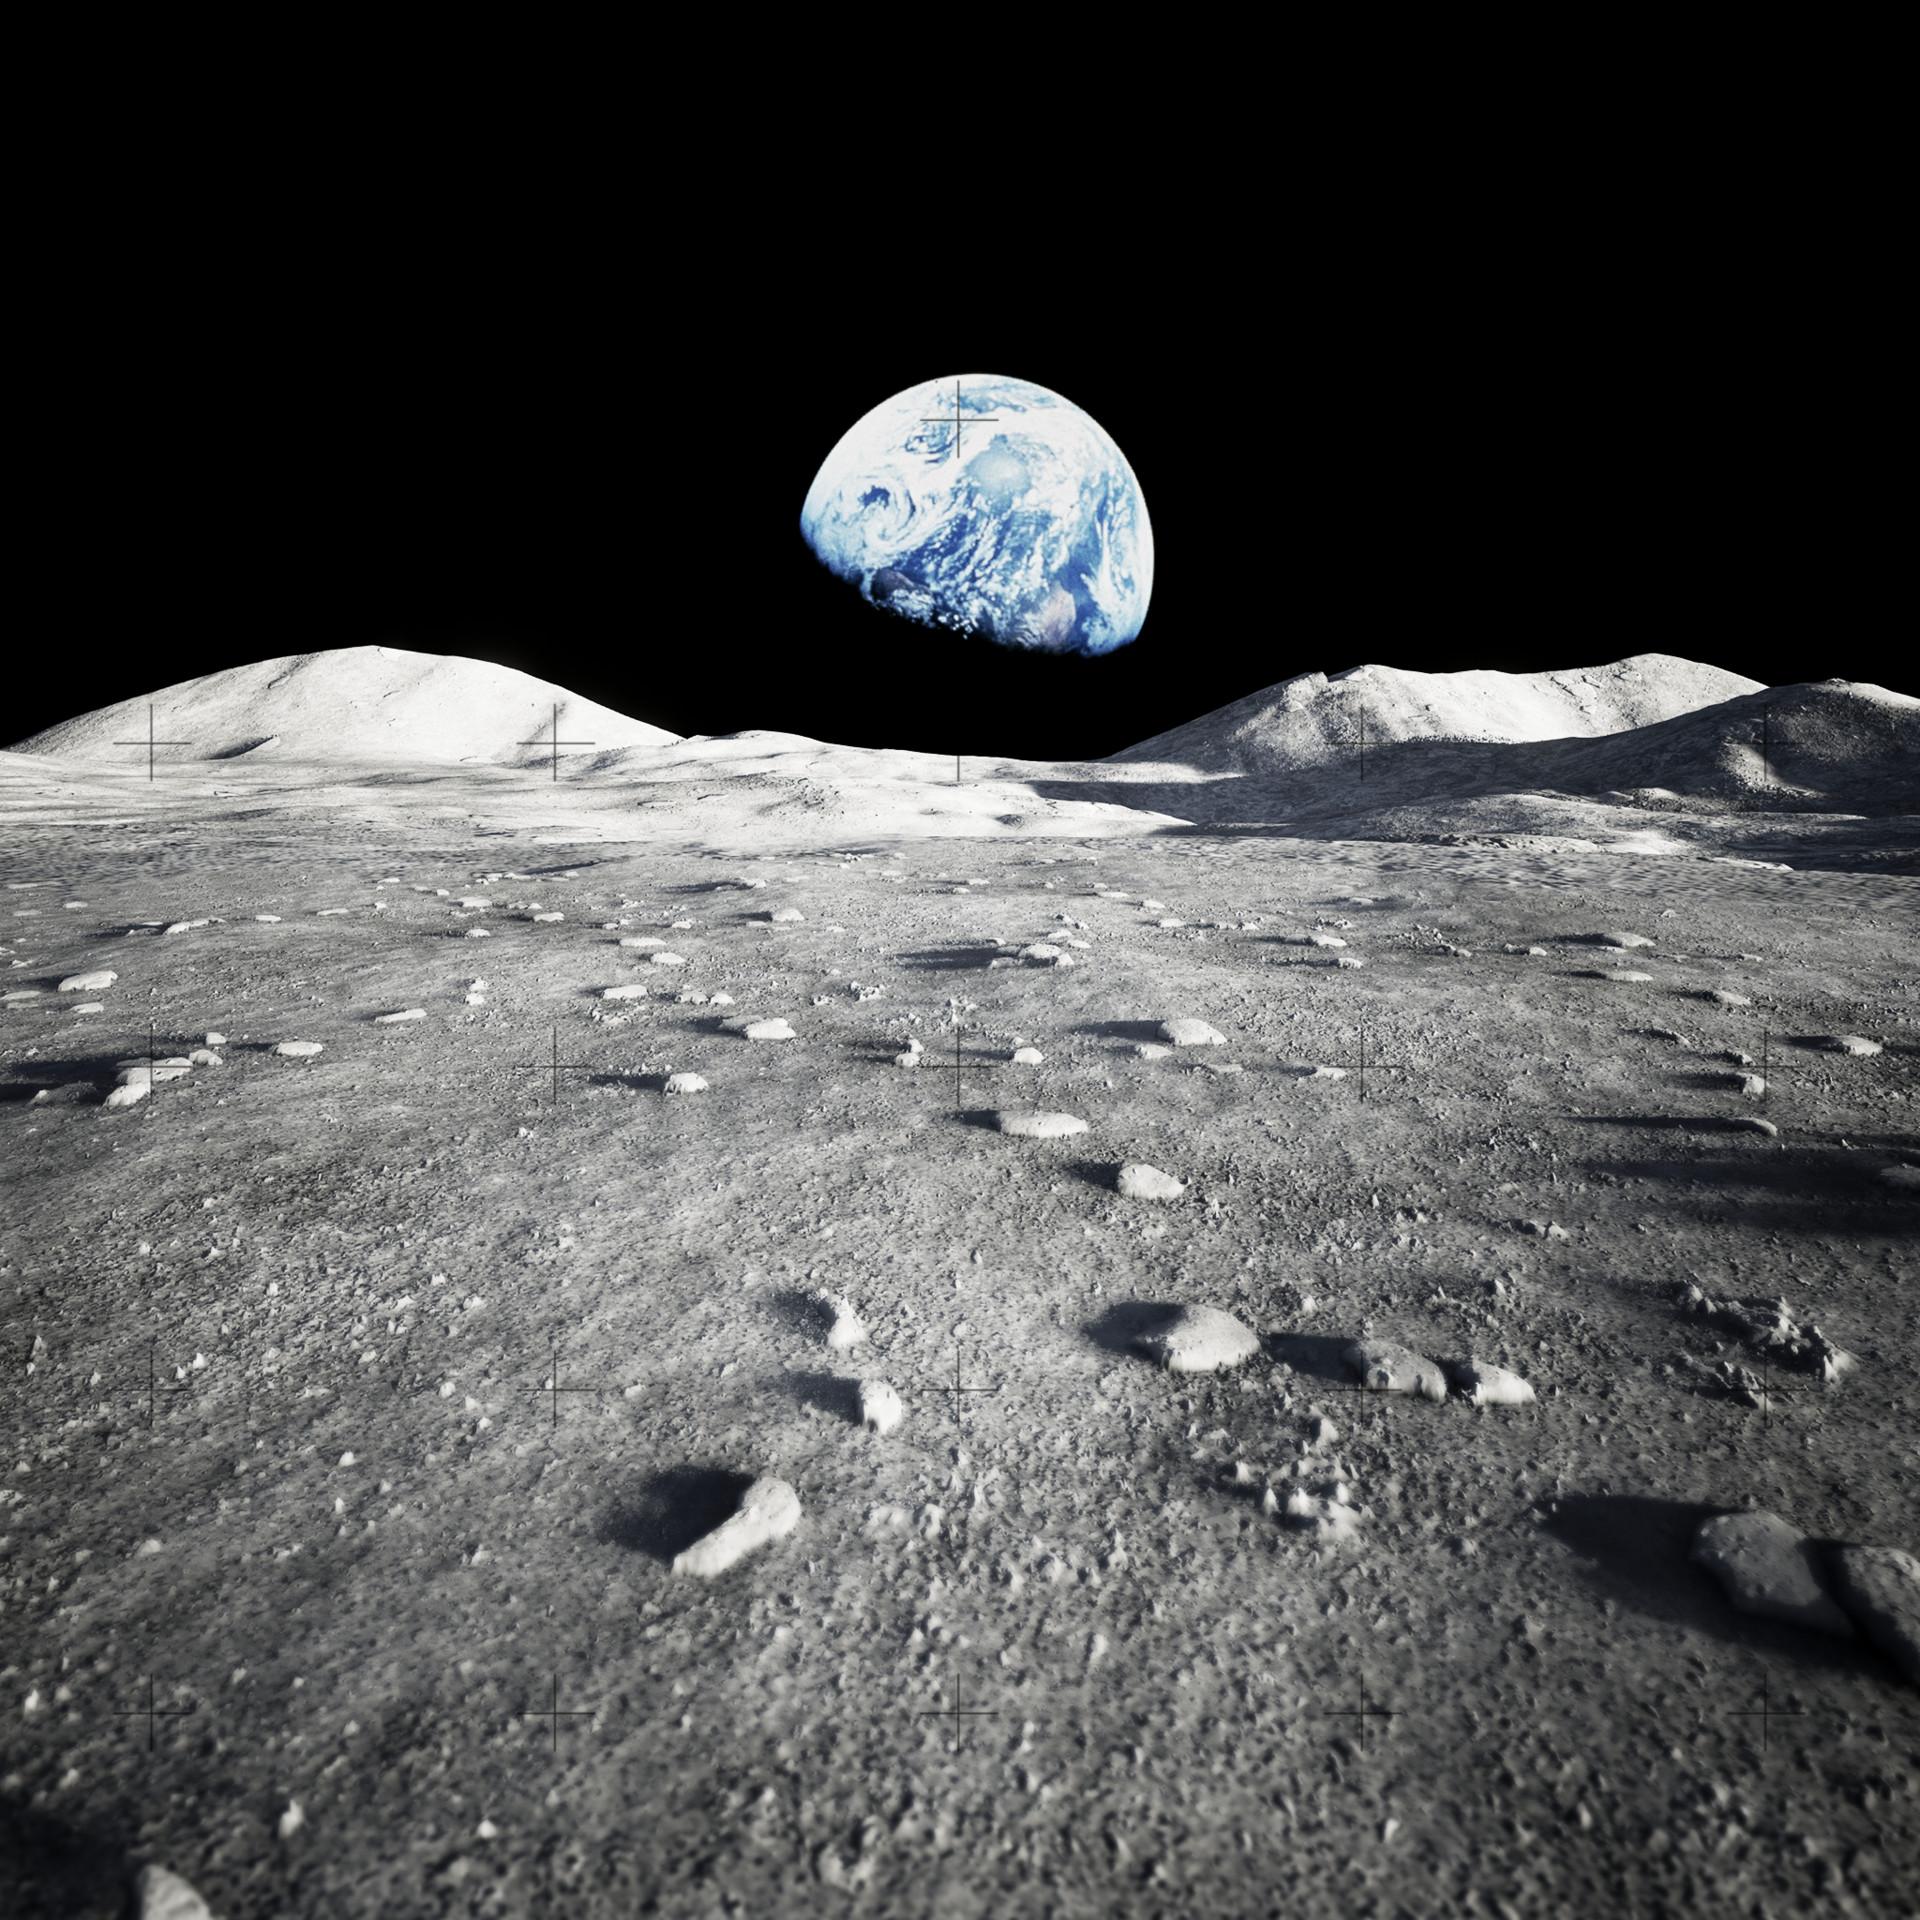 раймонд фото земли с луны высокого разрешения без проблем, теперь